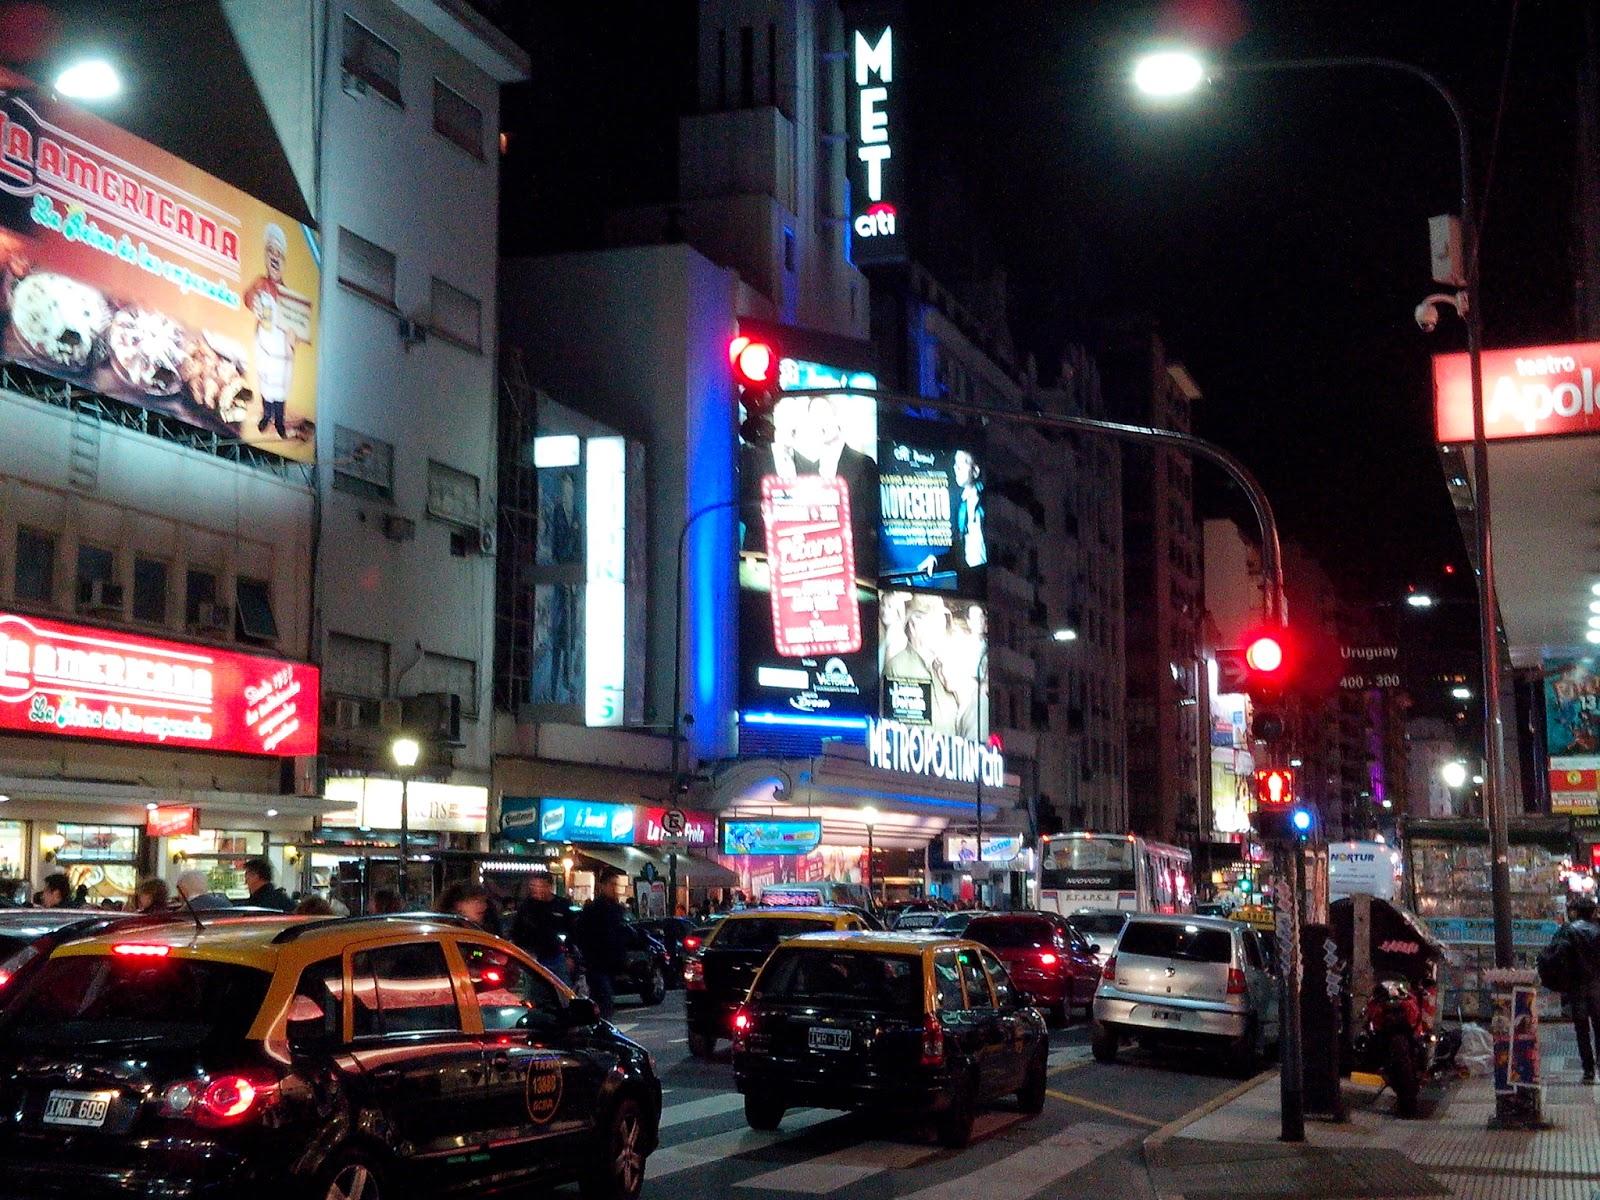 Asi Es Las Vegas La Ciudad Que Nunca Duerme: Trazando Mapas: La Calle Que Nunca Duerme